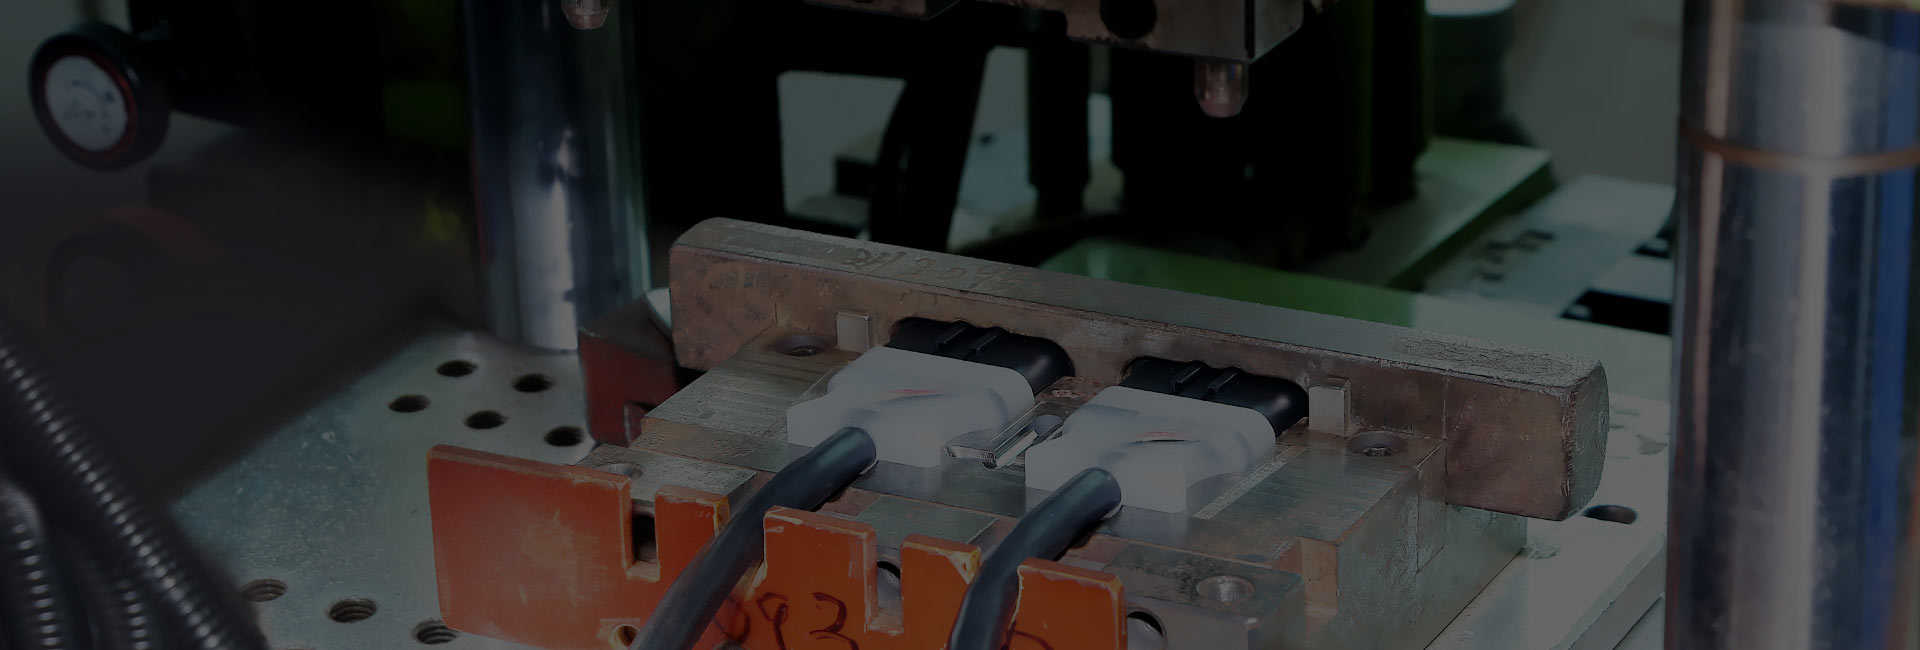 كابل المهنية و المكونات مصمم والشركة المصنعة